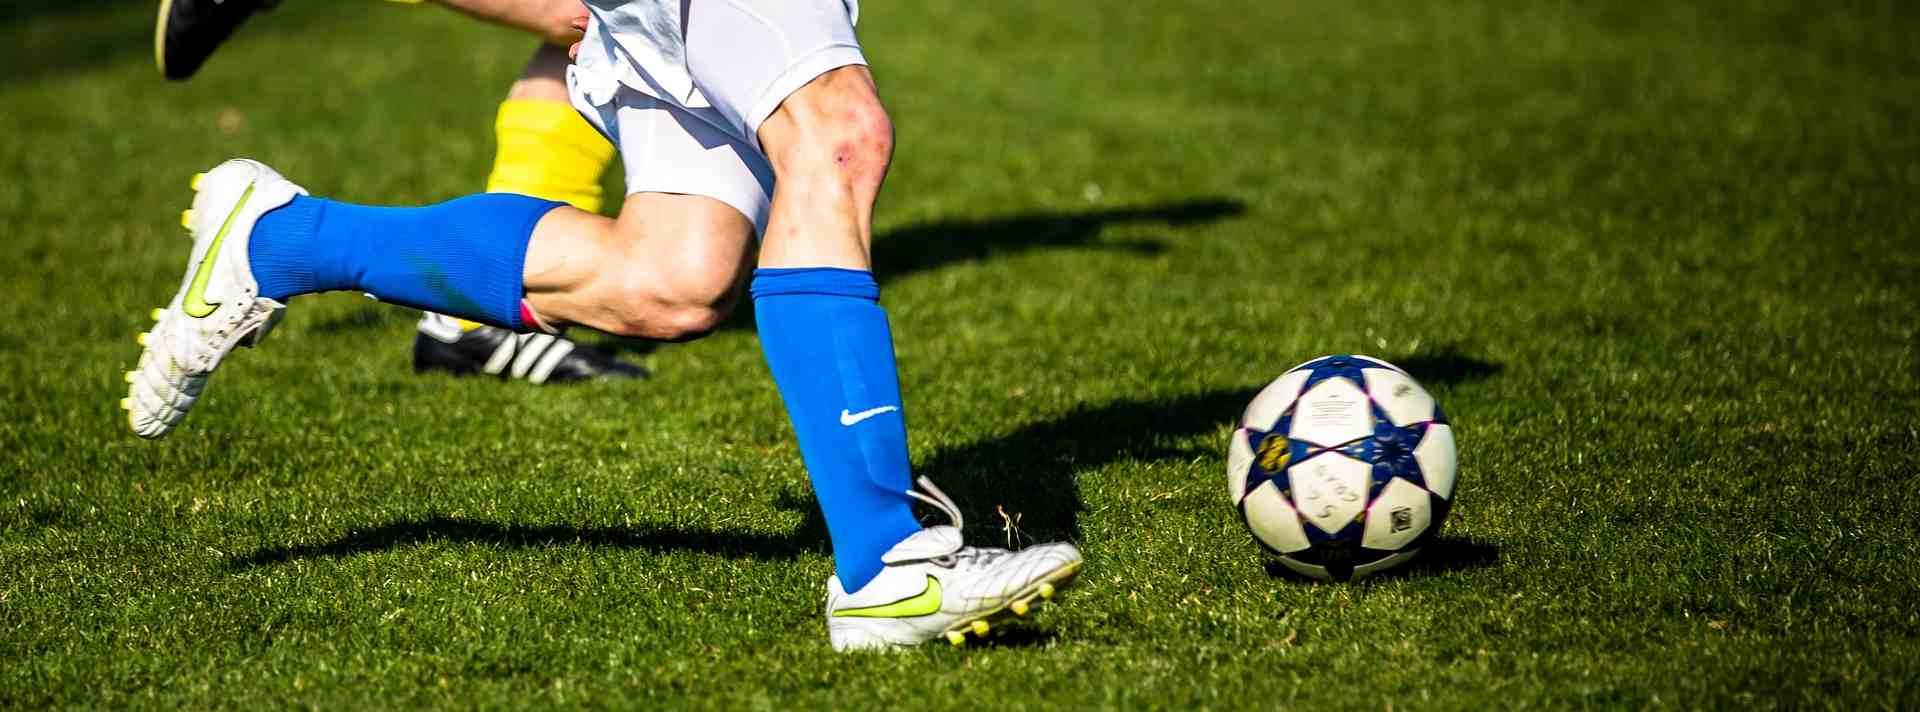 sport regelwerk